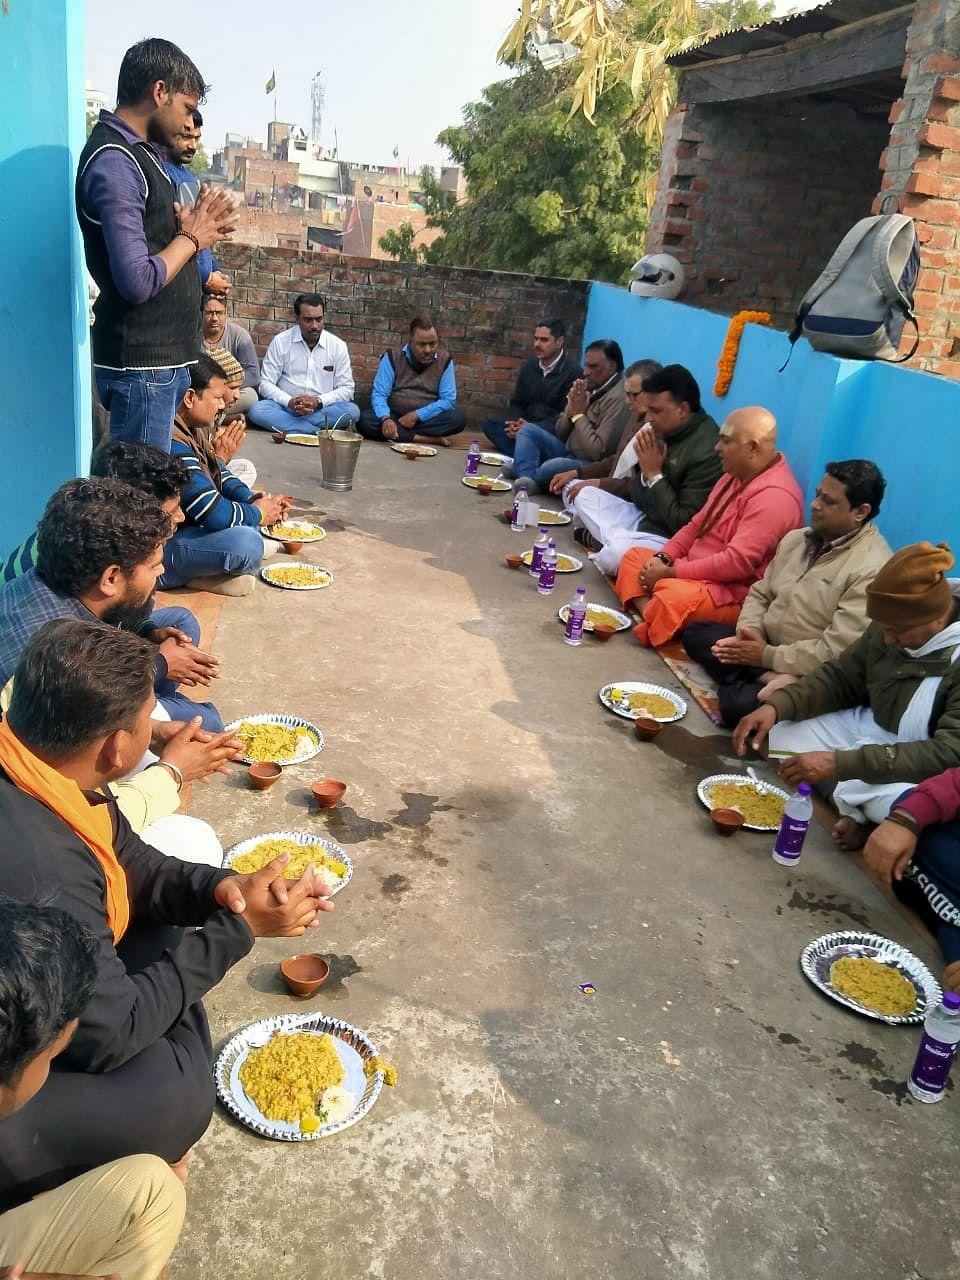 प्रजापति समाज के समरसता भोज में शामिल हुए संत, विहिप कार्यकर्ता